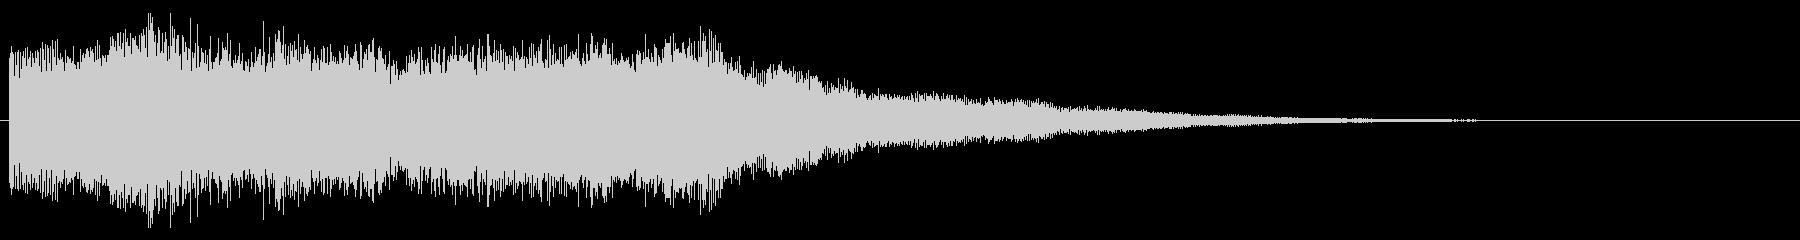 ゲームクリア 場面転換 シーンの切り替えの未再生の波形